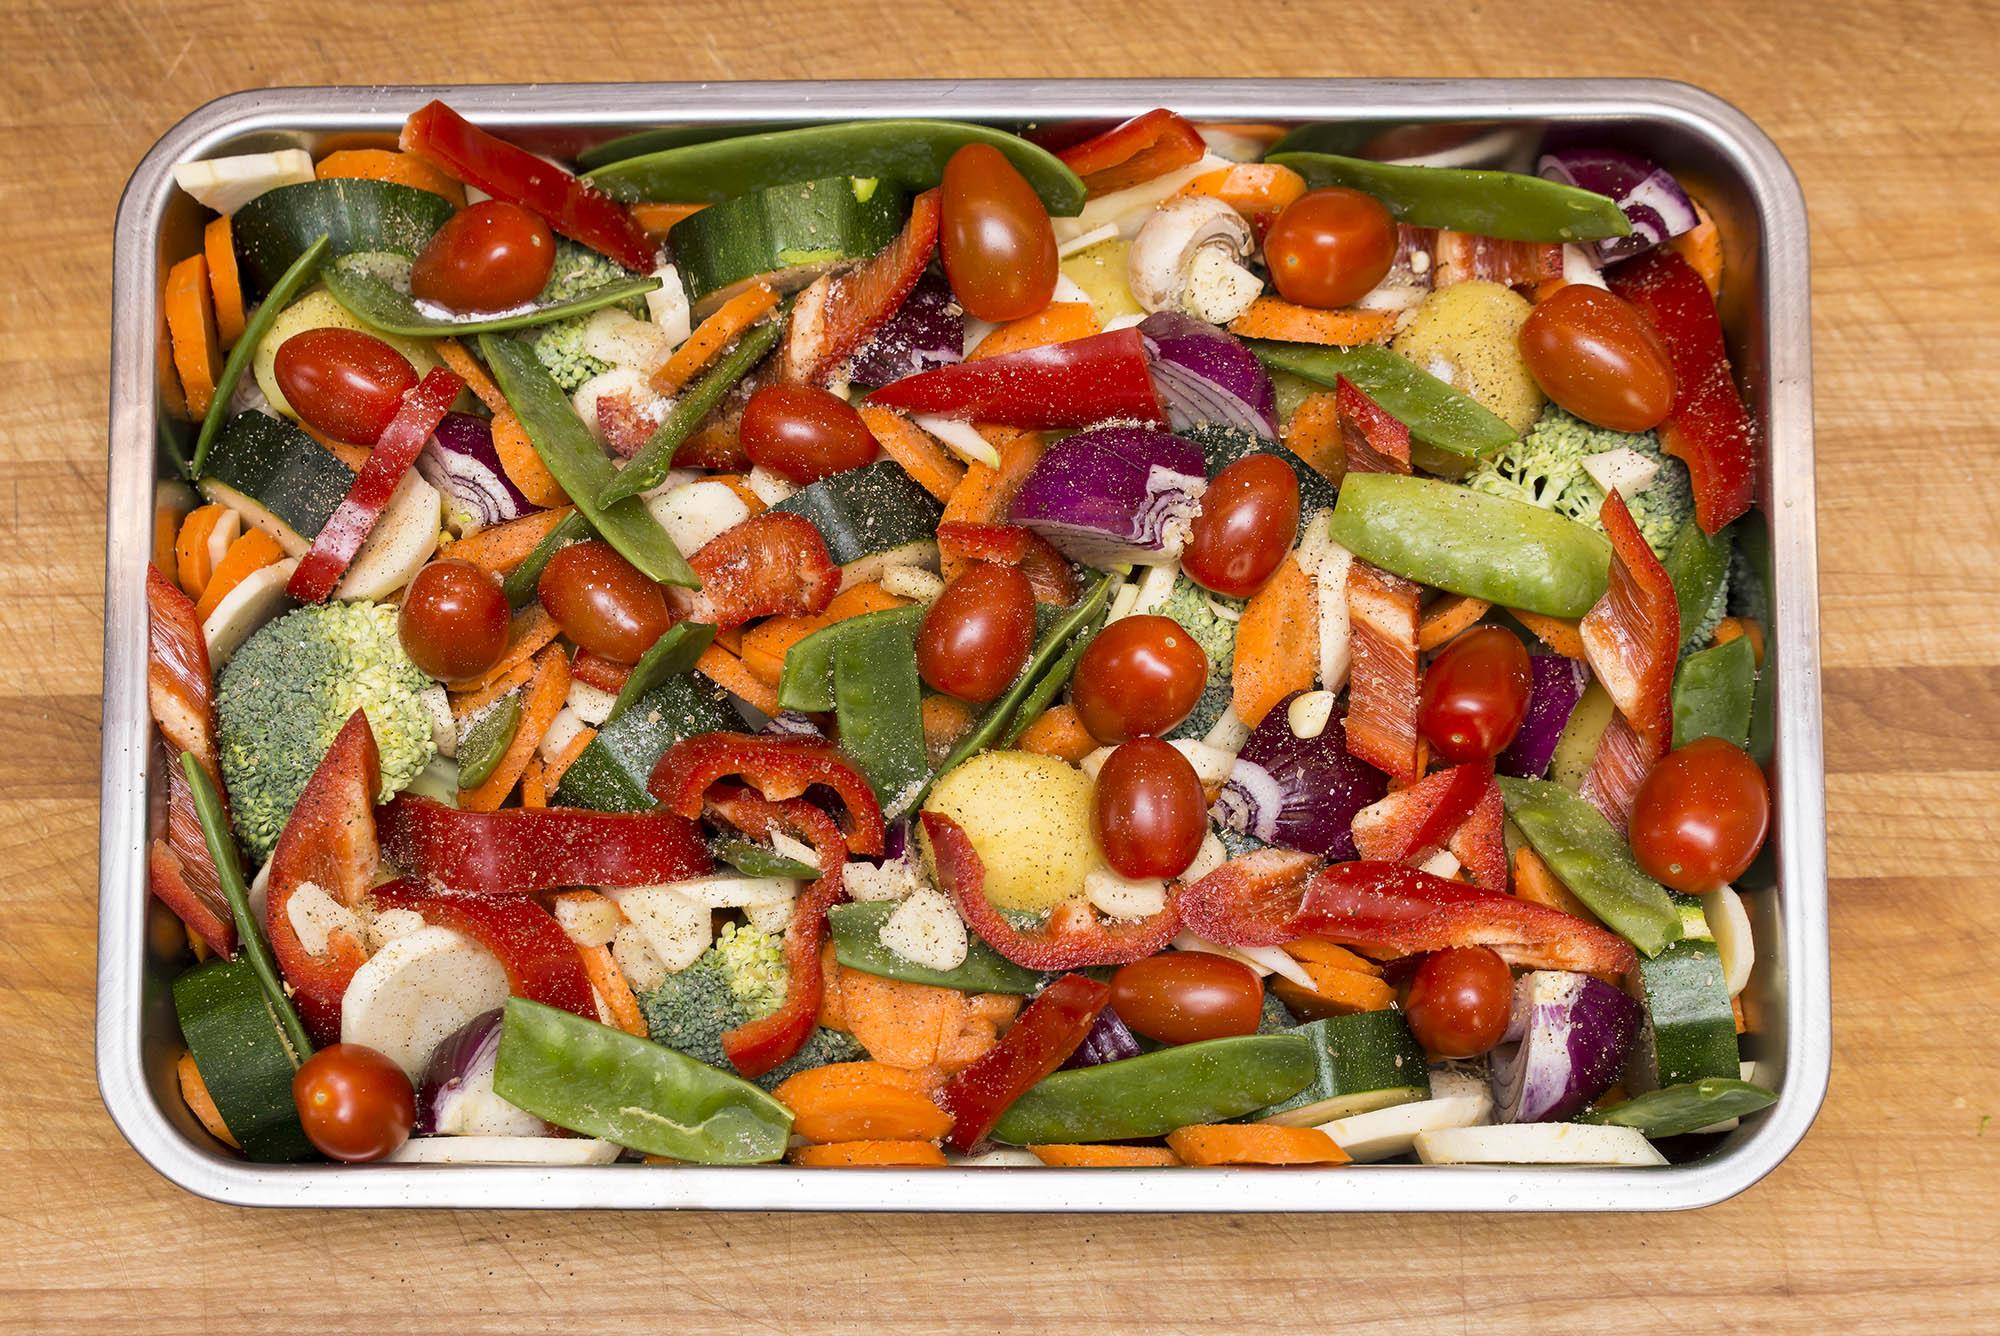 Gemüsepfanne  015 - 01 klein.jpg